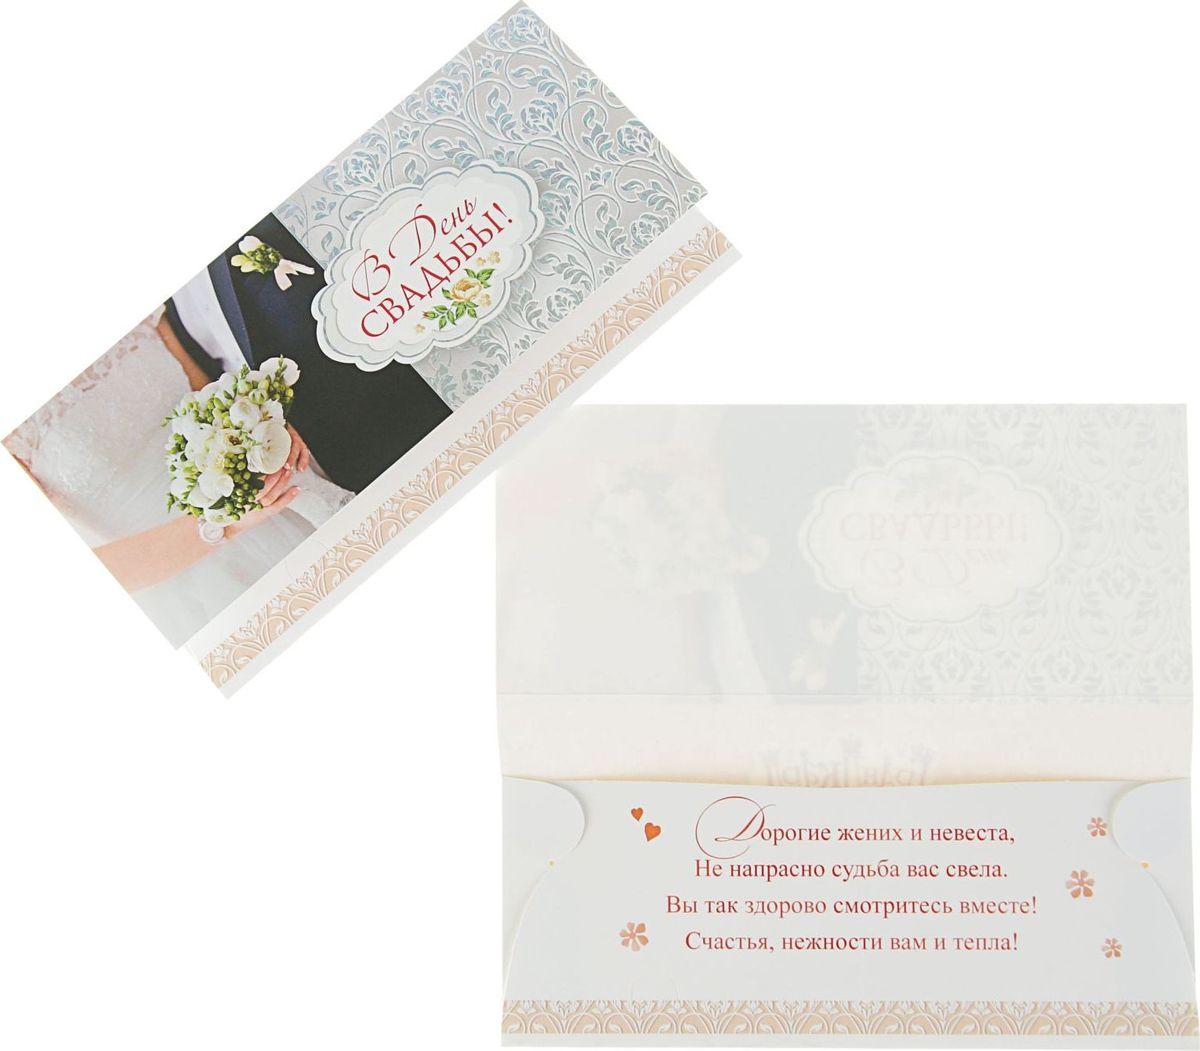 Поздравления к денежному конверту на свадьбу